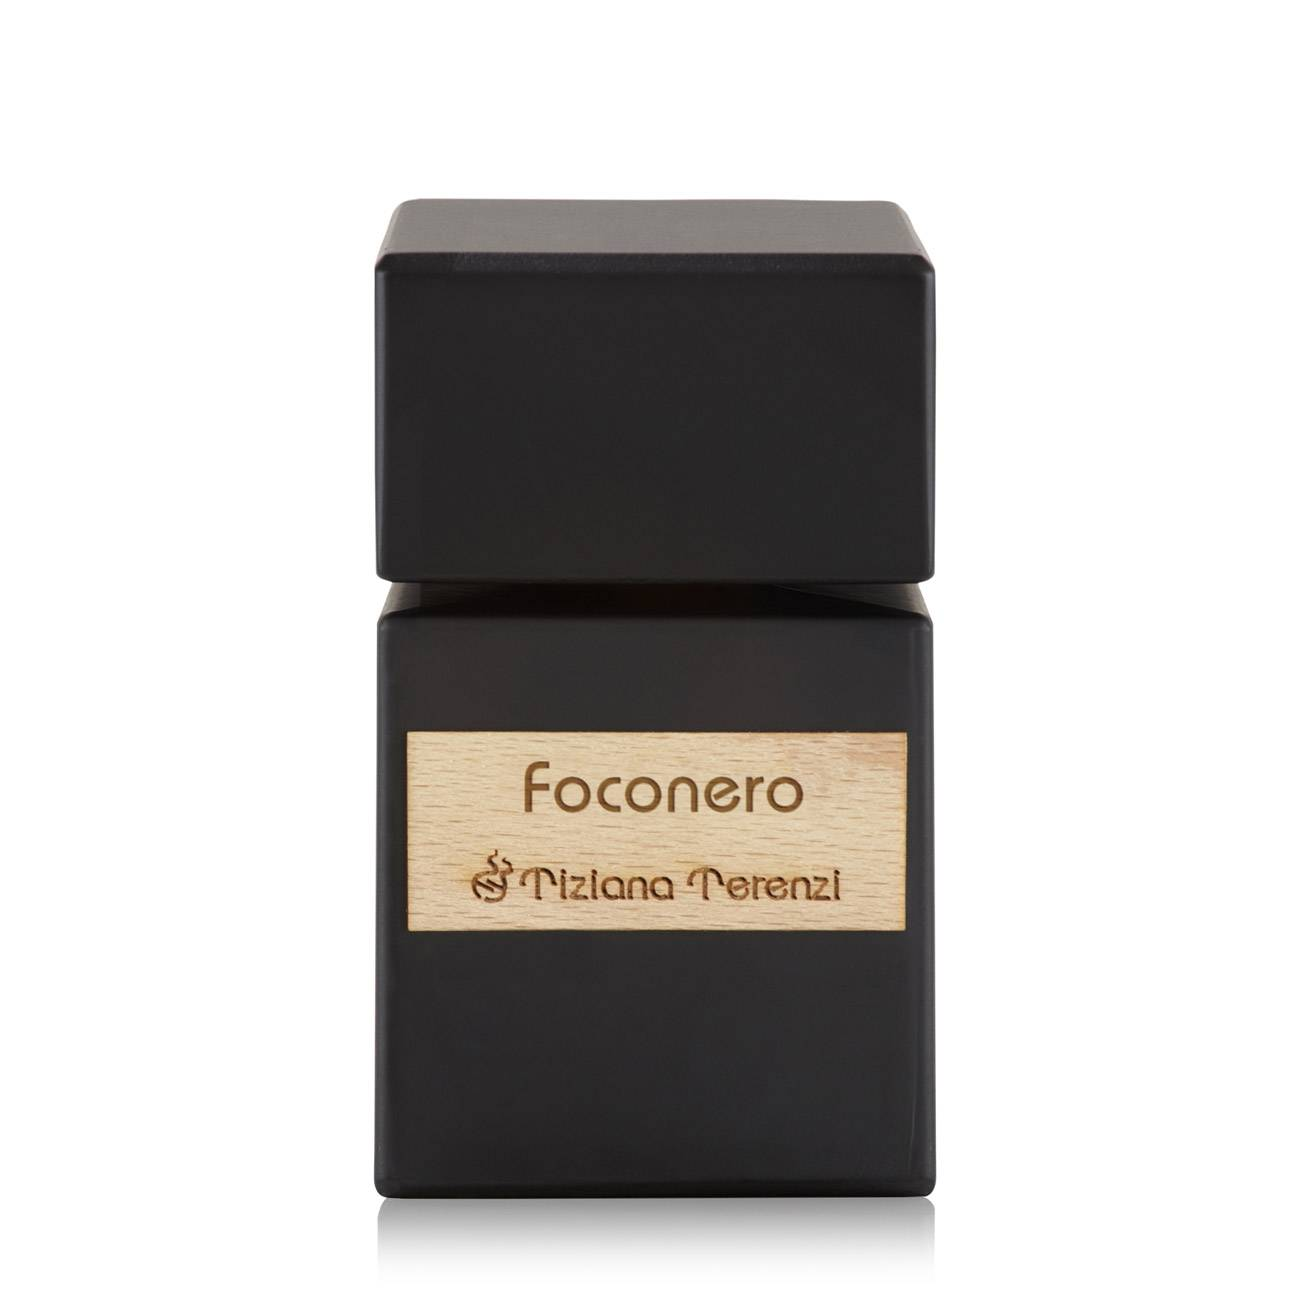 FOCONERO 100ml imagine produs